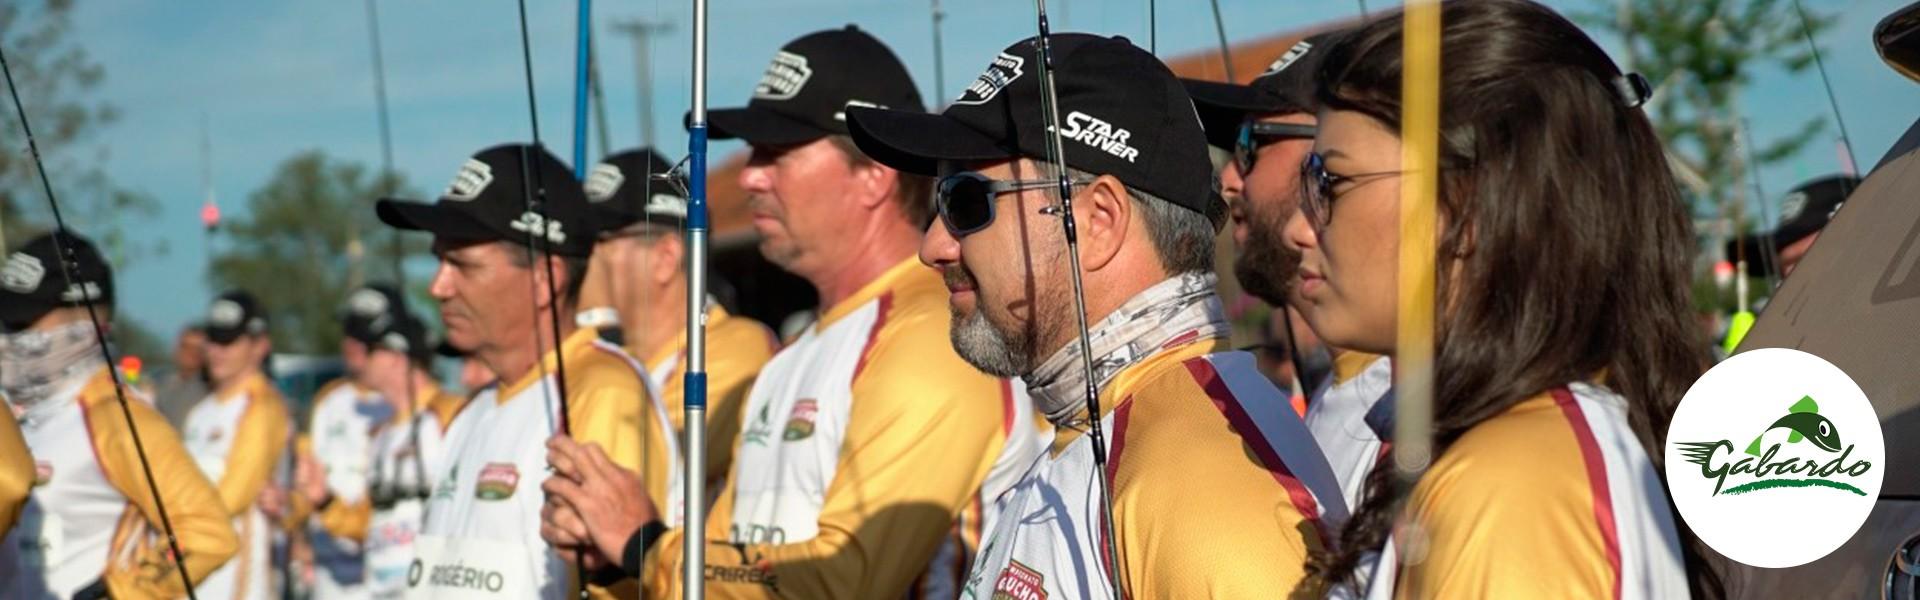 Campeonato Brasileiro em Pesqueiros, Rio Grande do Sul